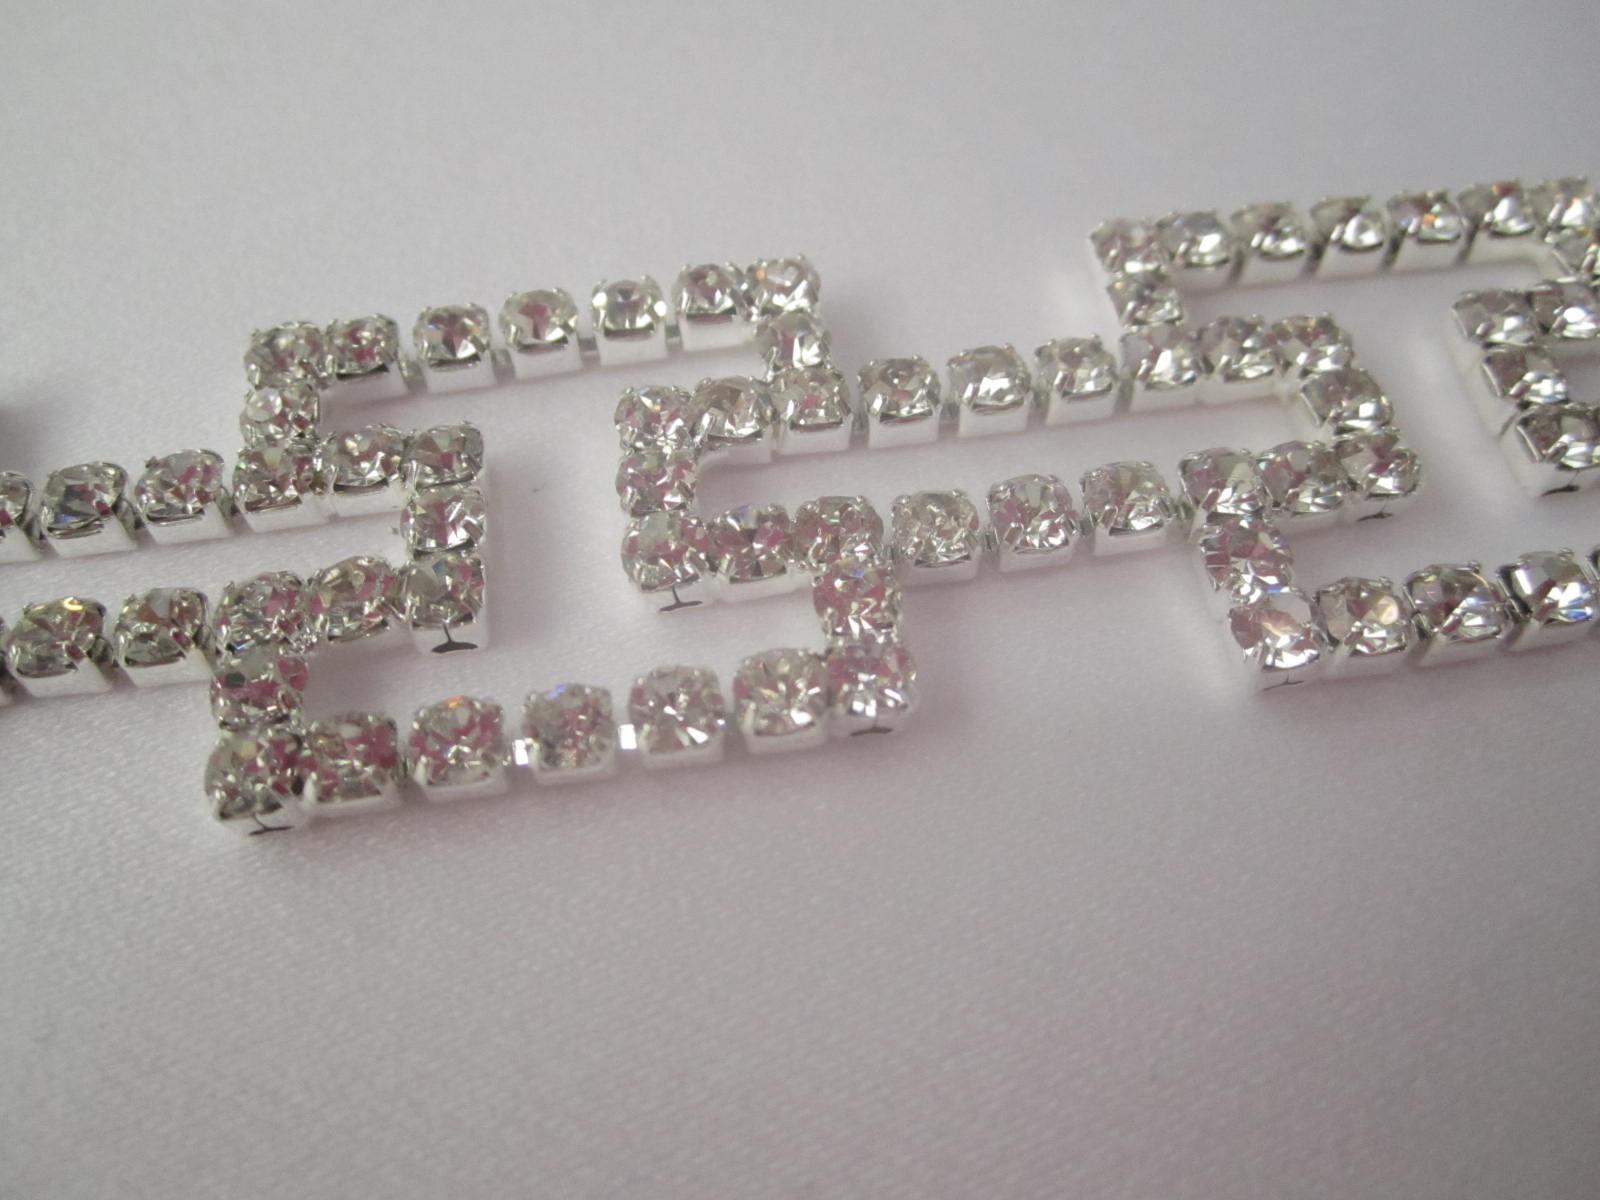 Rewelacyjny Taśma kryształowa ozdobna srebro Swarovski - Binassi SQ14